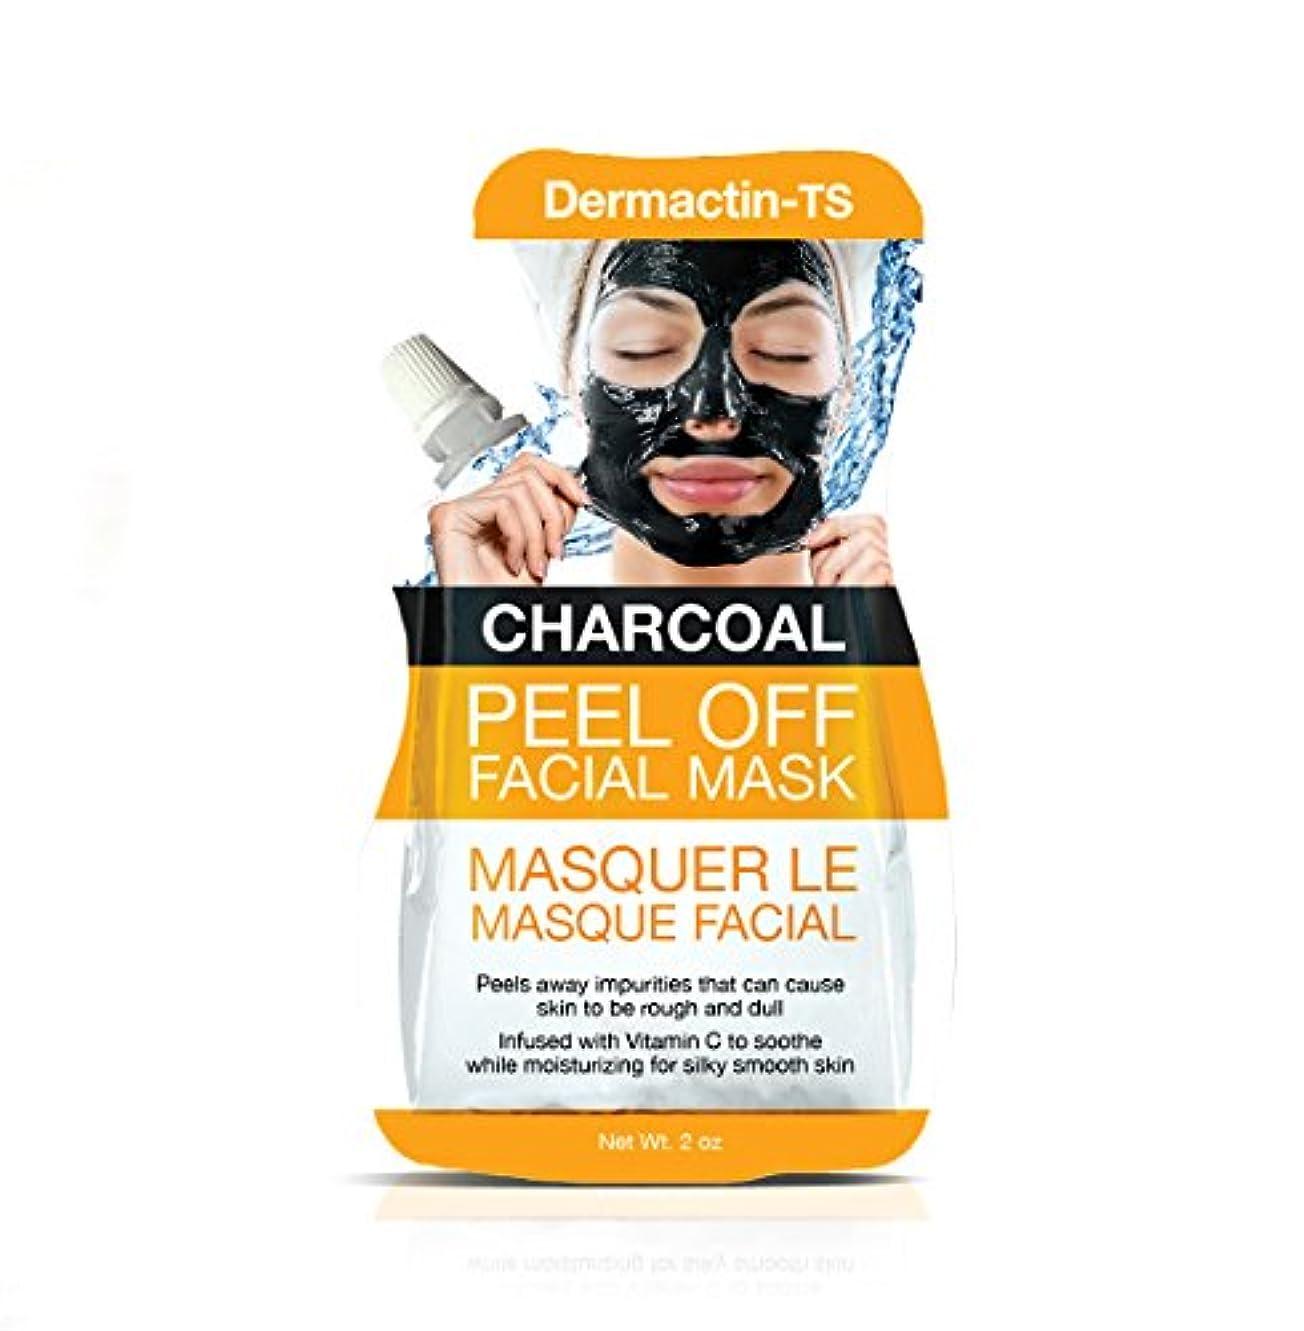 拡散する日光補うDermactin-TS フェイシャルマスクを剥がすチャコール50 g (並行輸入品)